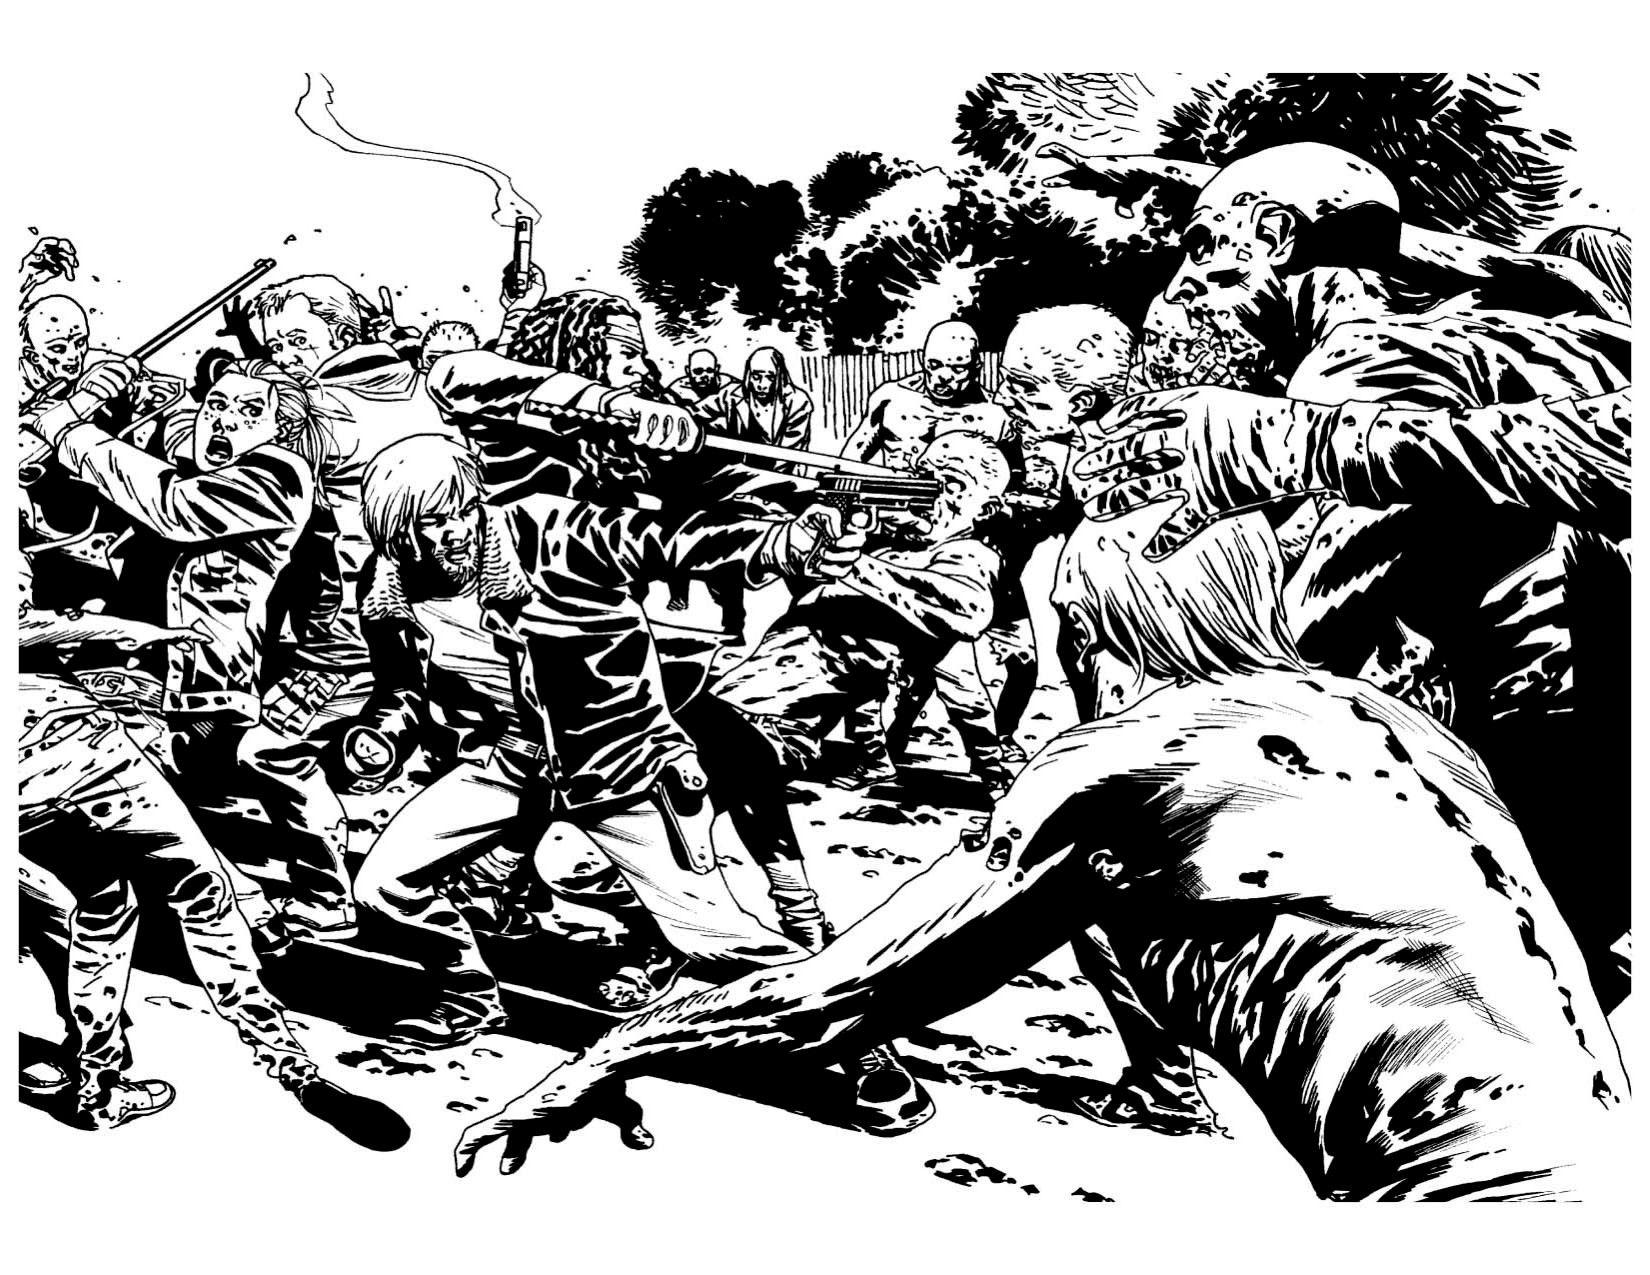 Jeux De Coloriage De Zombie Superbe Image Livre De Coloriage Walking Dead Coloring Books Coloring Pages Cat Coloring Book